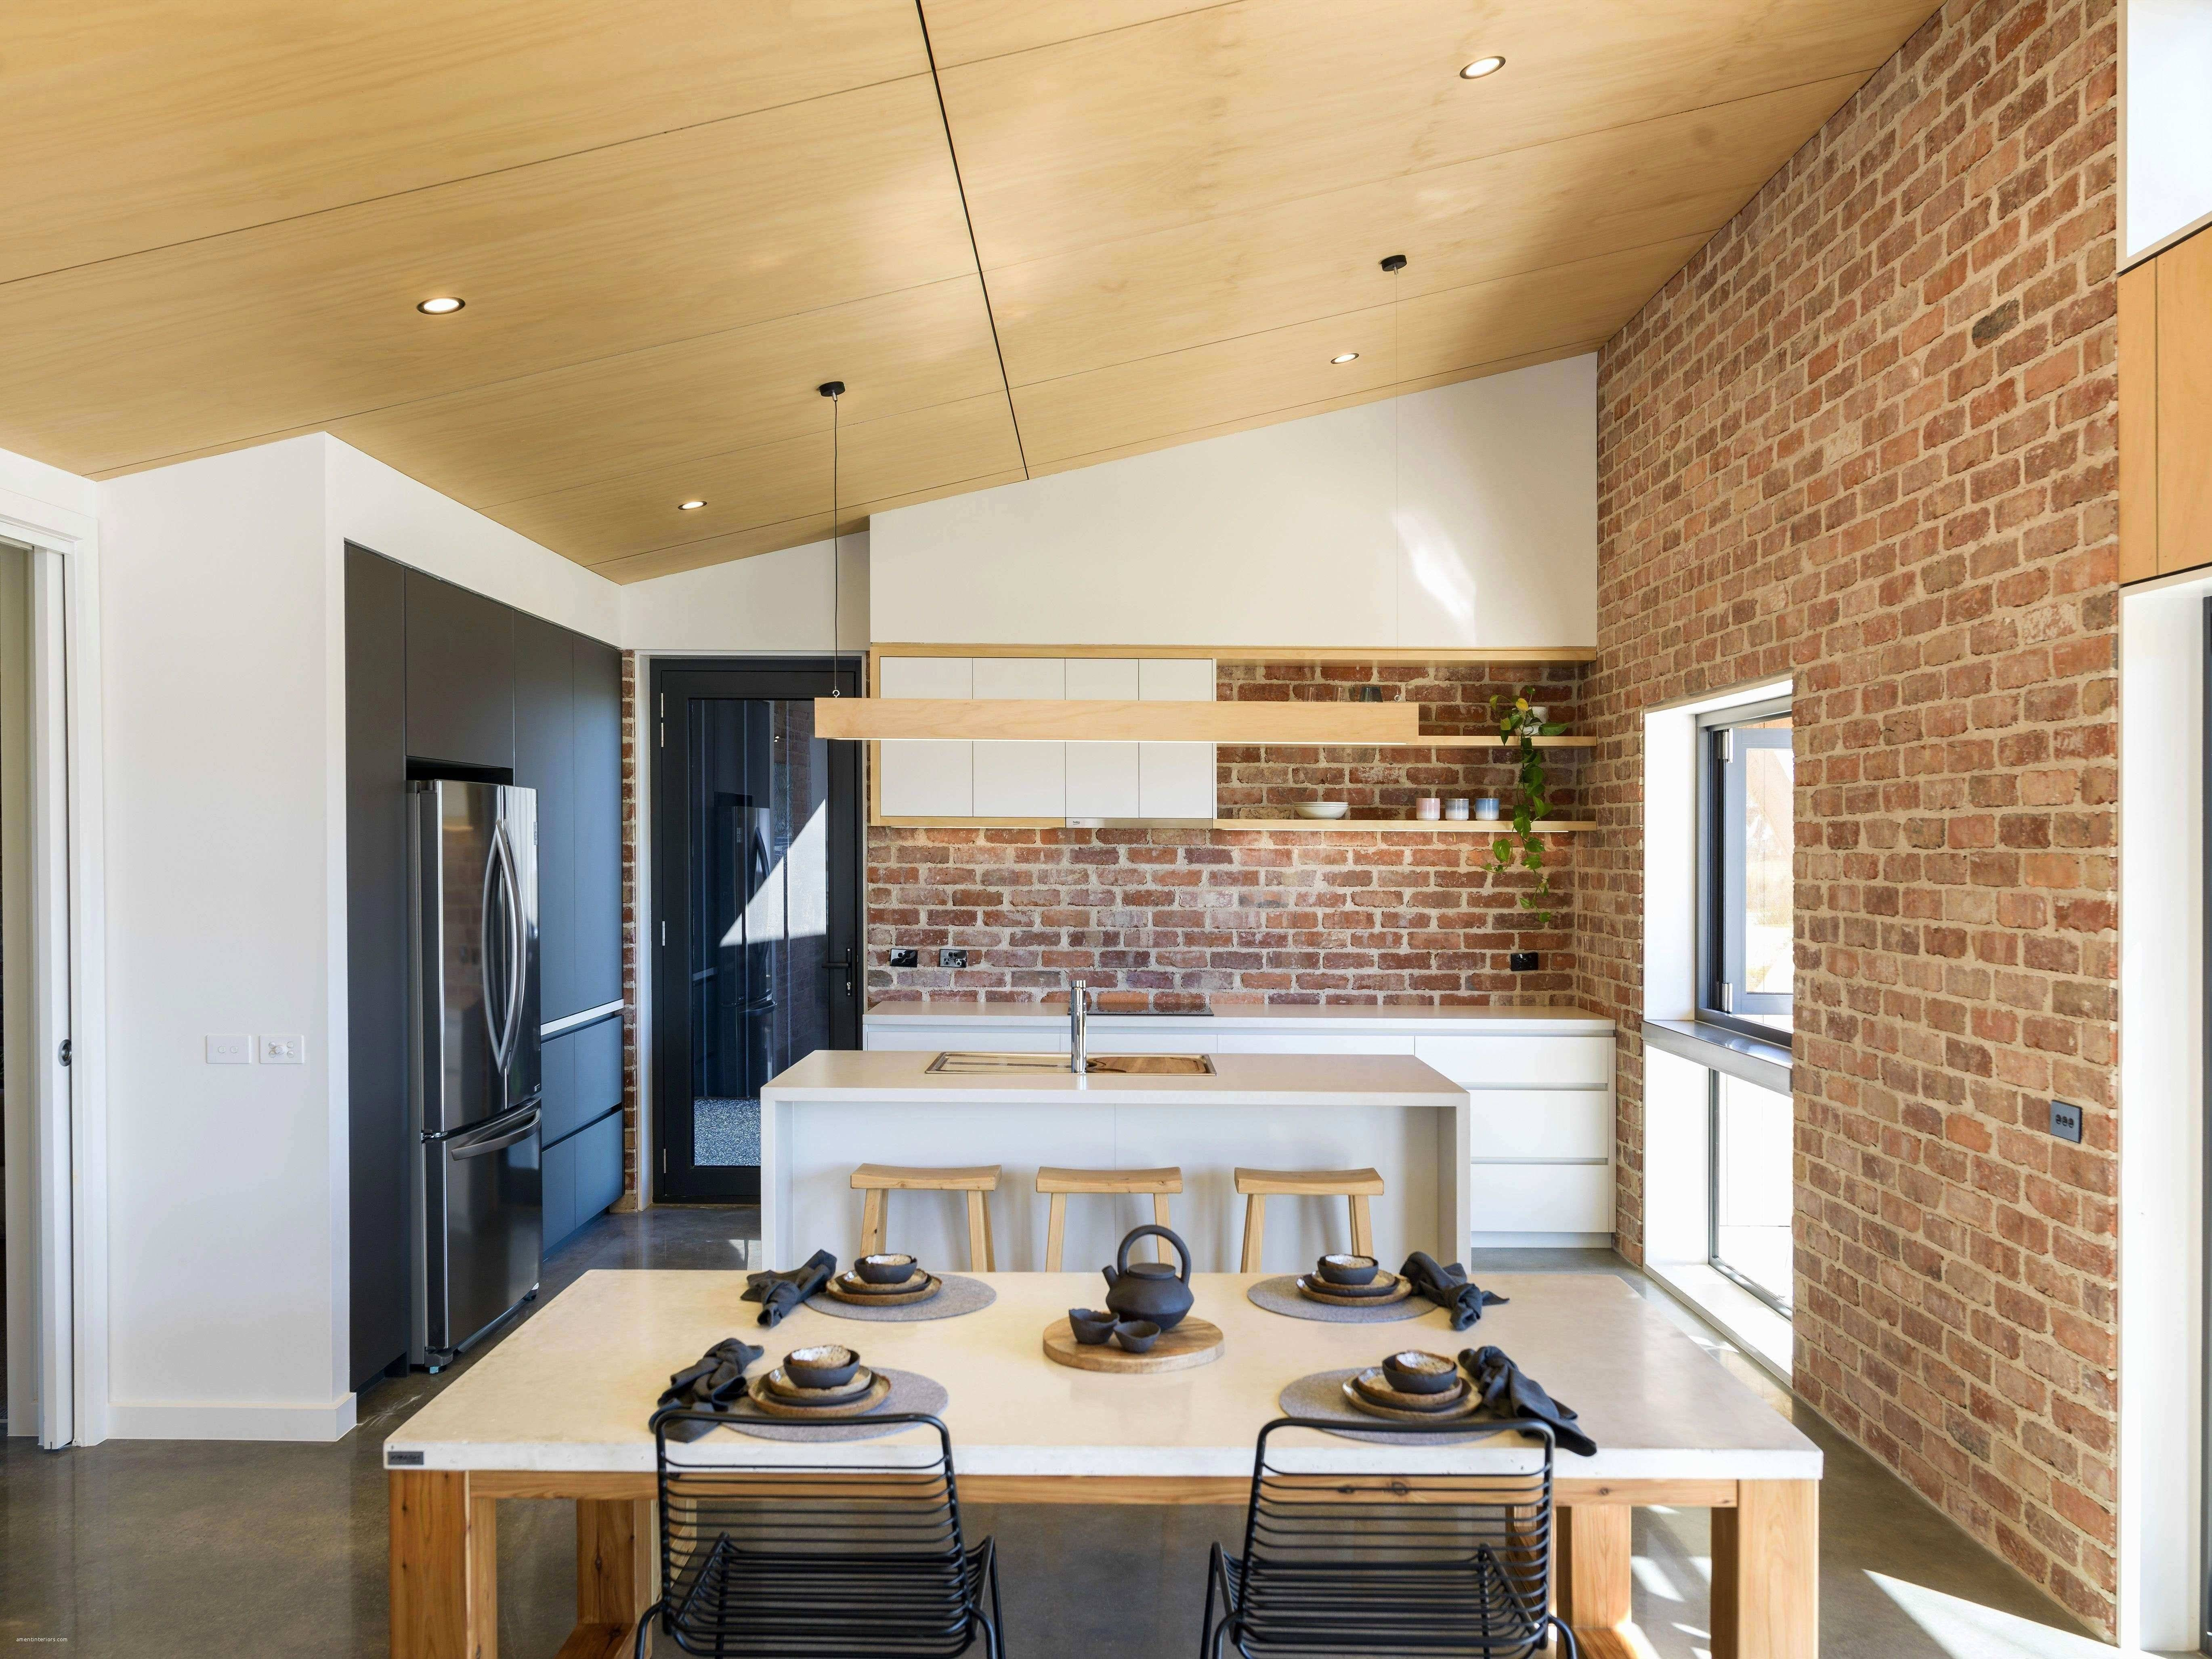 living room floor tiles design new 23 re mended kitchen hardwood floors vs tile of living room floor tiles design